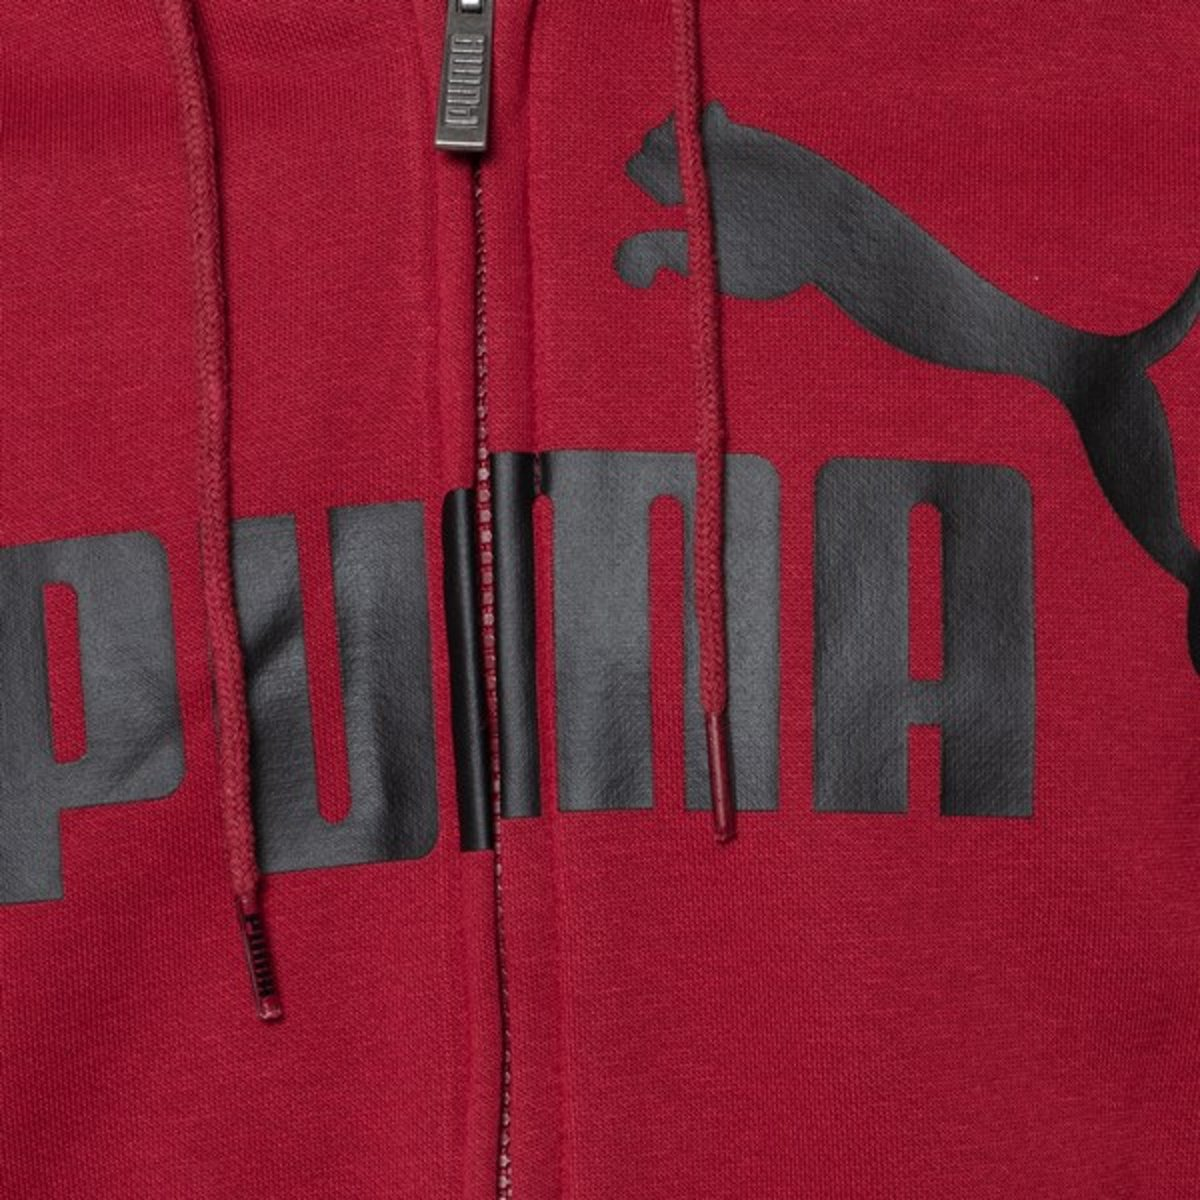 Puma Essential No1 heren sweatvest Rood Maat M